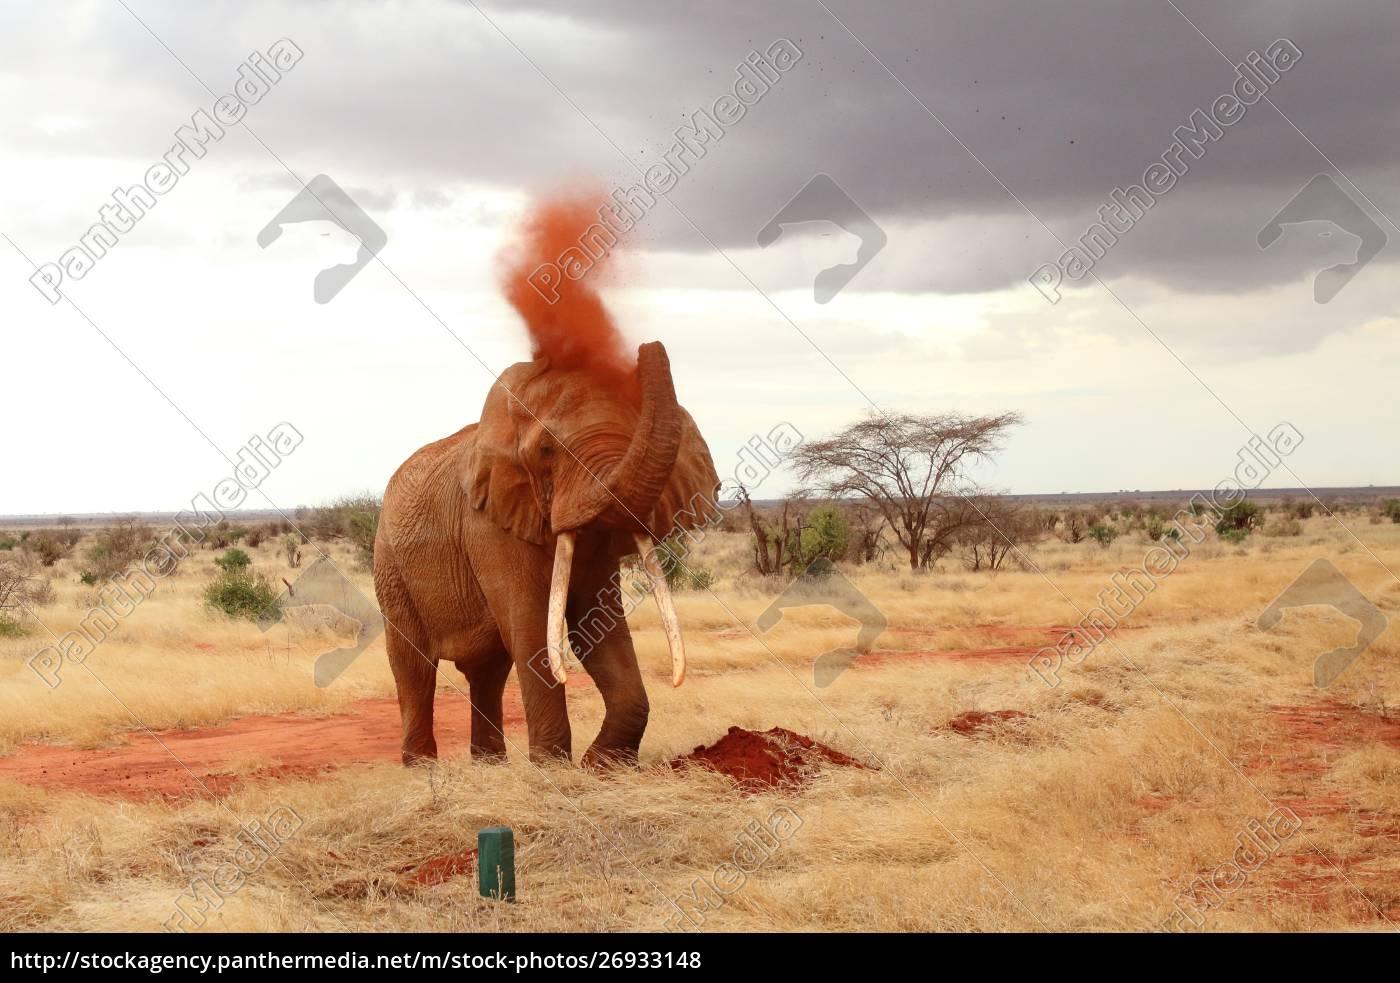 der, mächtige, elefant, nimmt, eine, sanddusche - 26933148